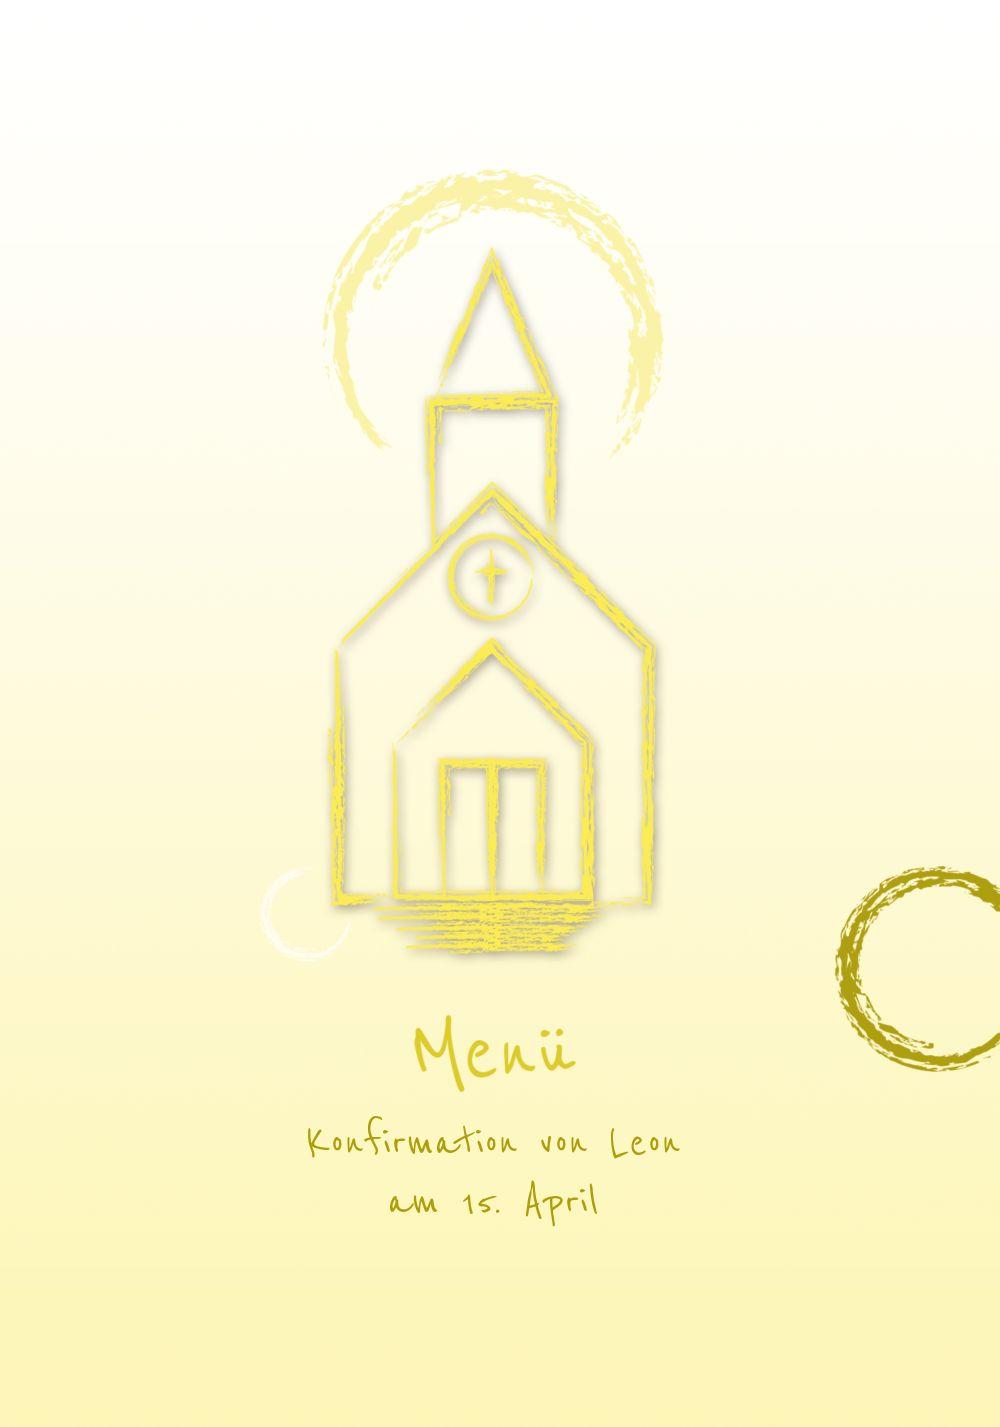 Ansicht 3 - Menükarte zur Konfirmation Kirche